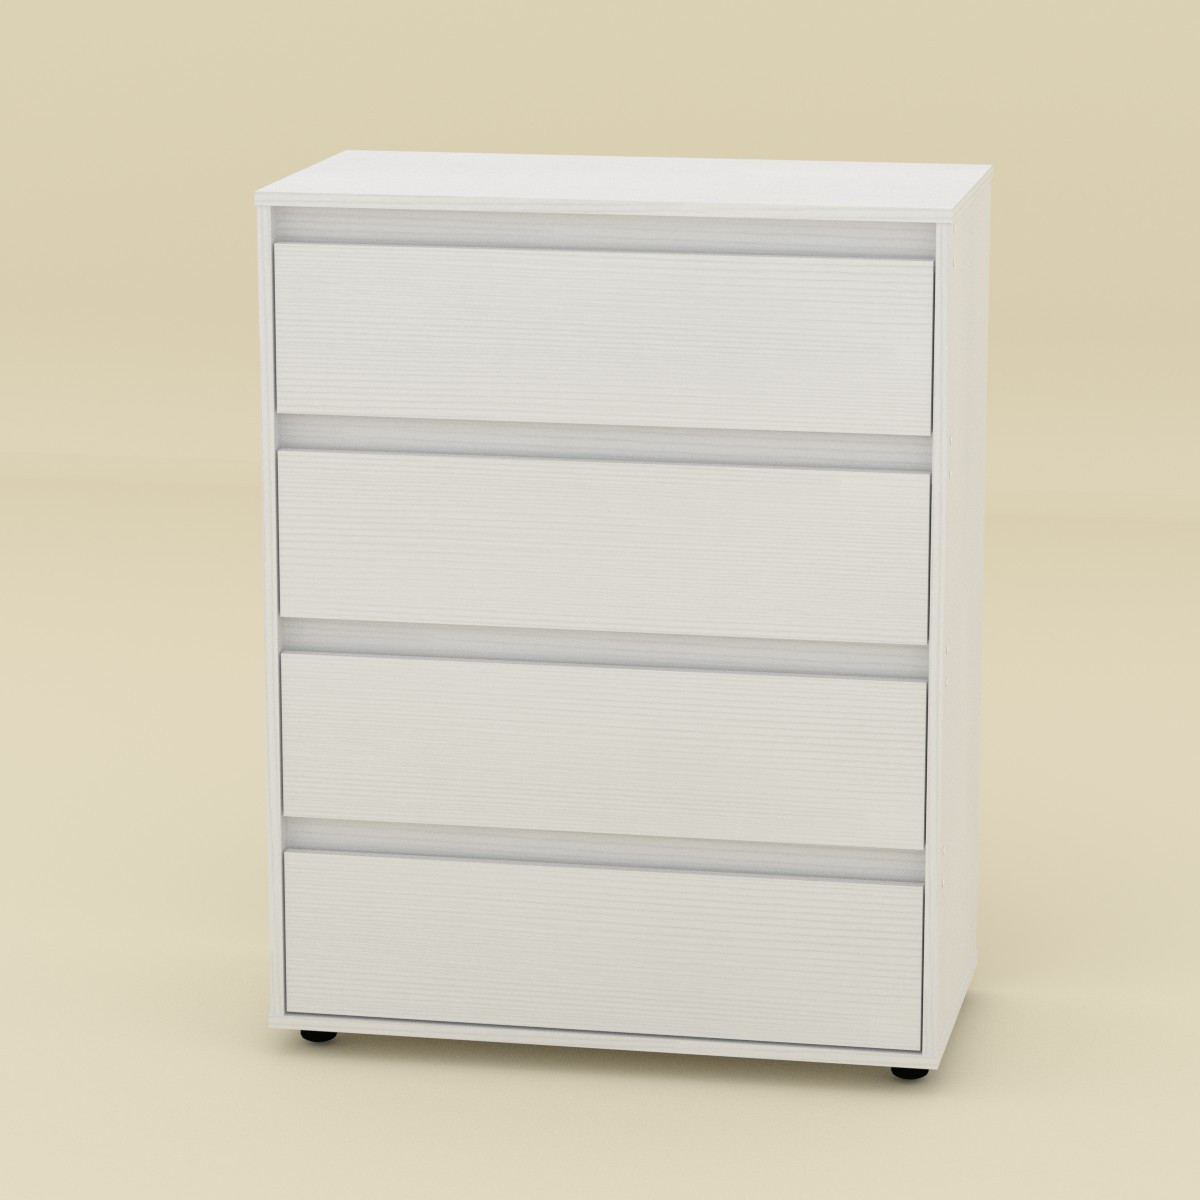 Комод 4 Компаніт Білий (new1-1013)